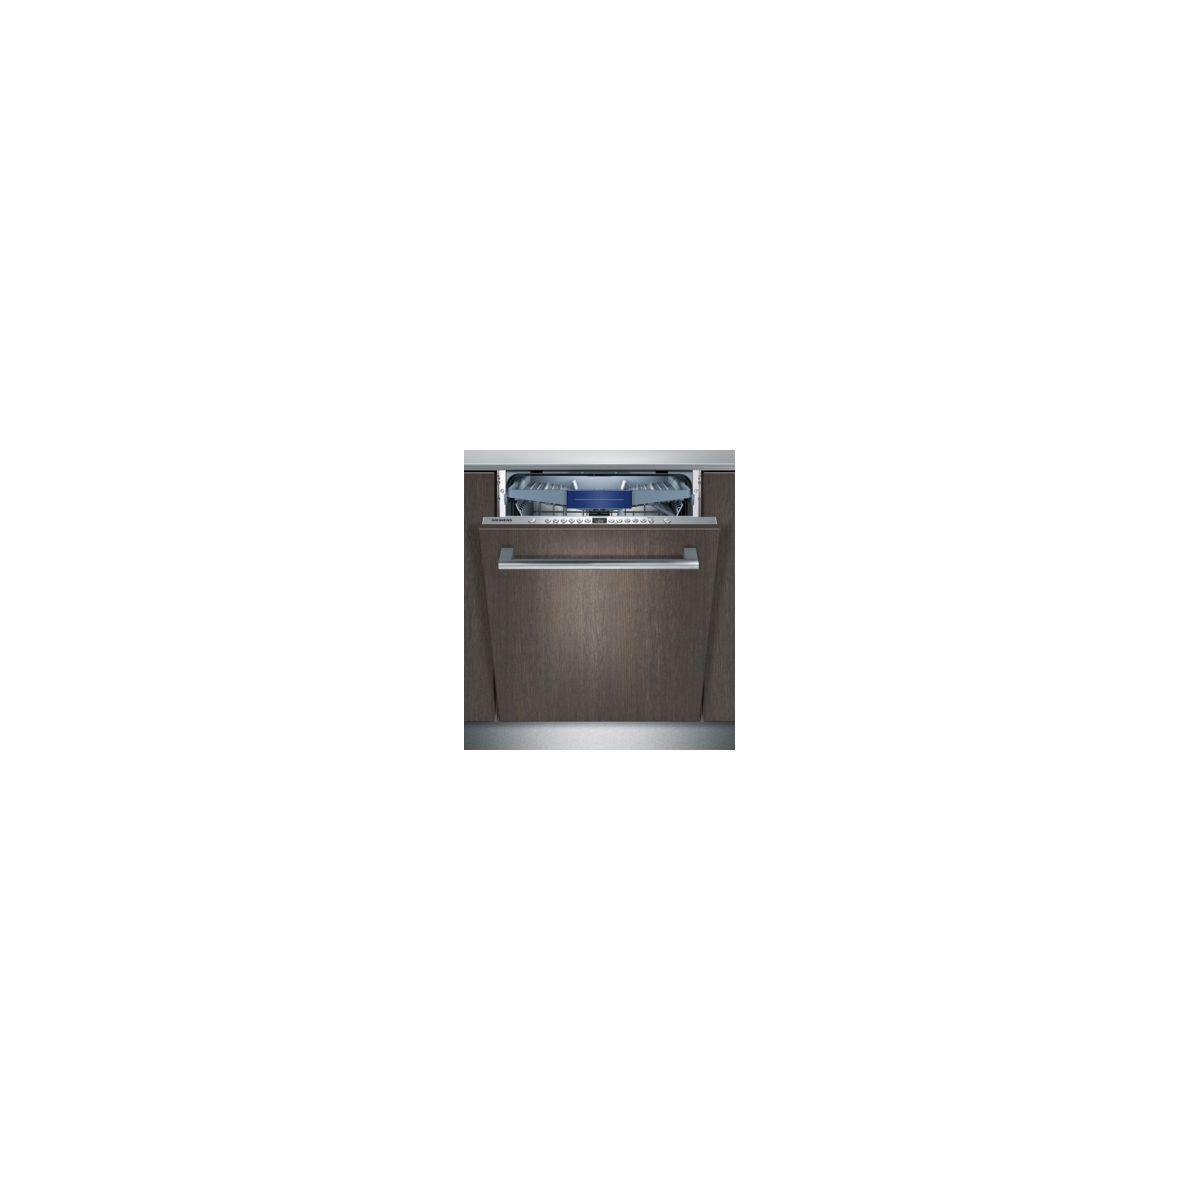 Lave vaisselle tout intégrable SIEMENS SN636X01KE